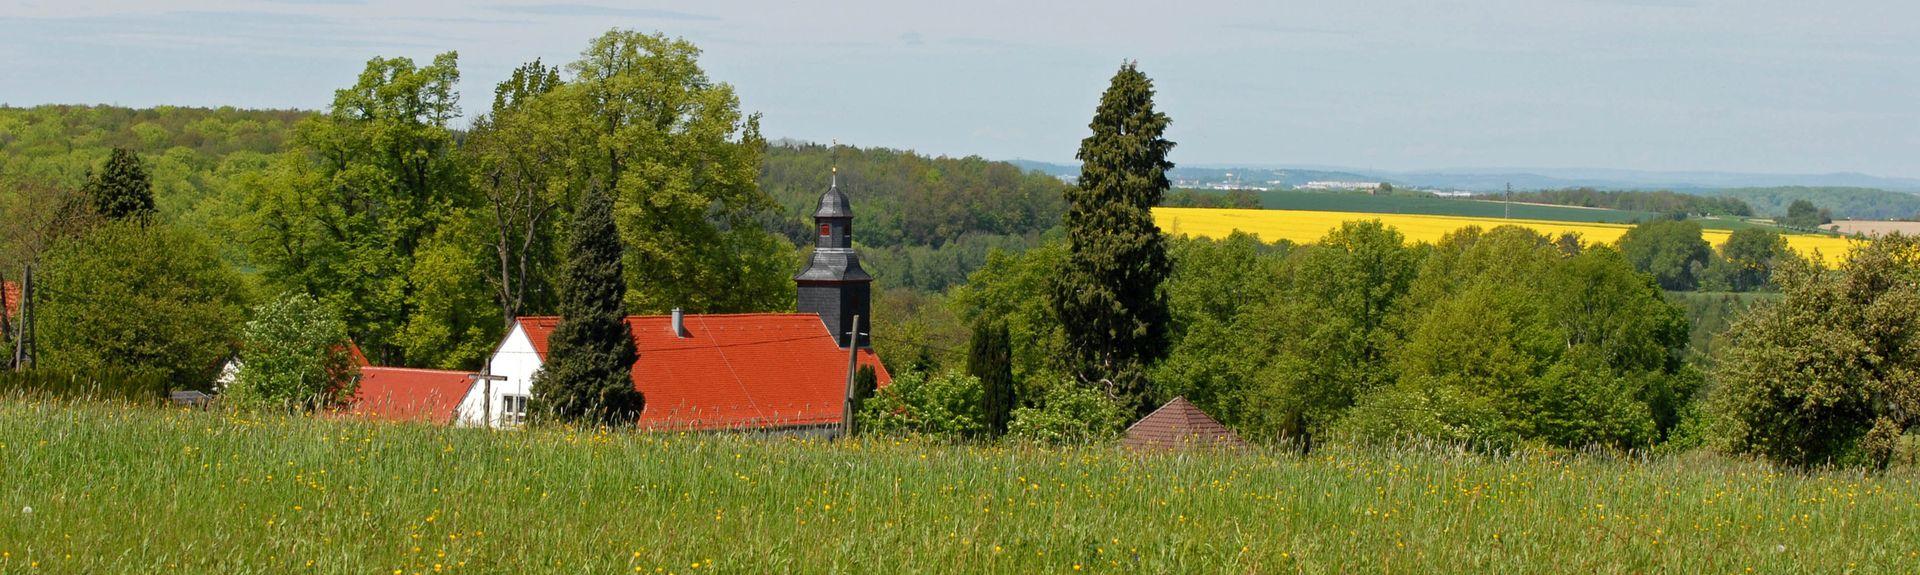 Zweibrücken, Rheinland-Pfalz, Deutschland